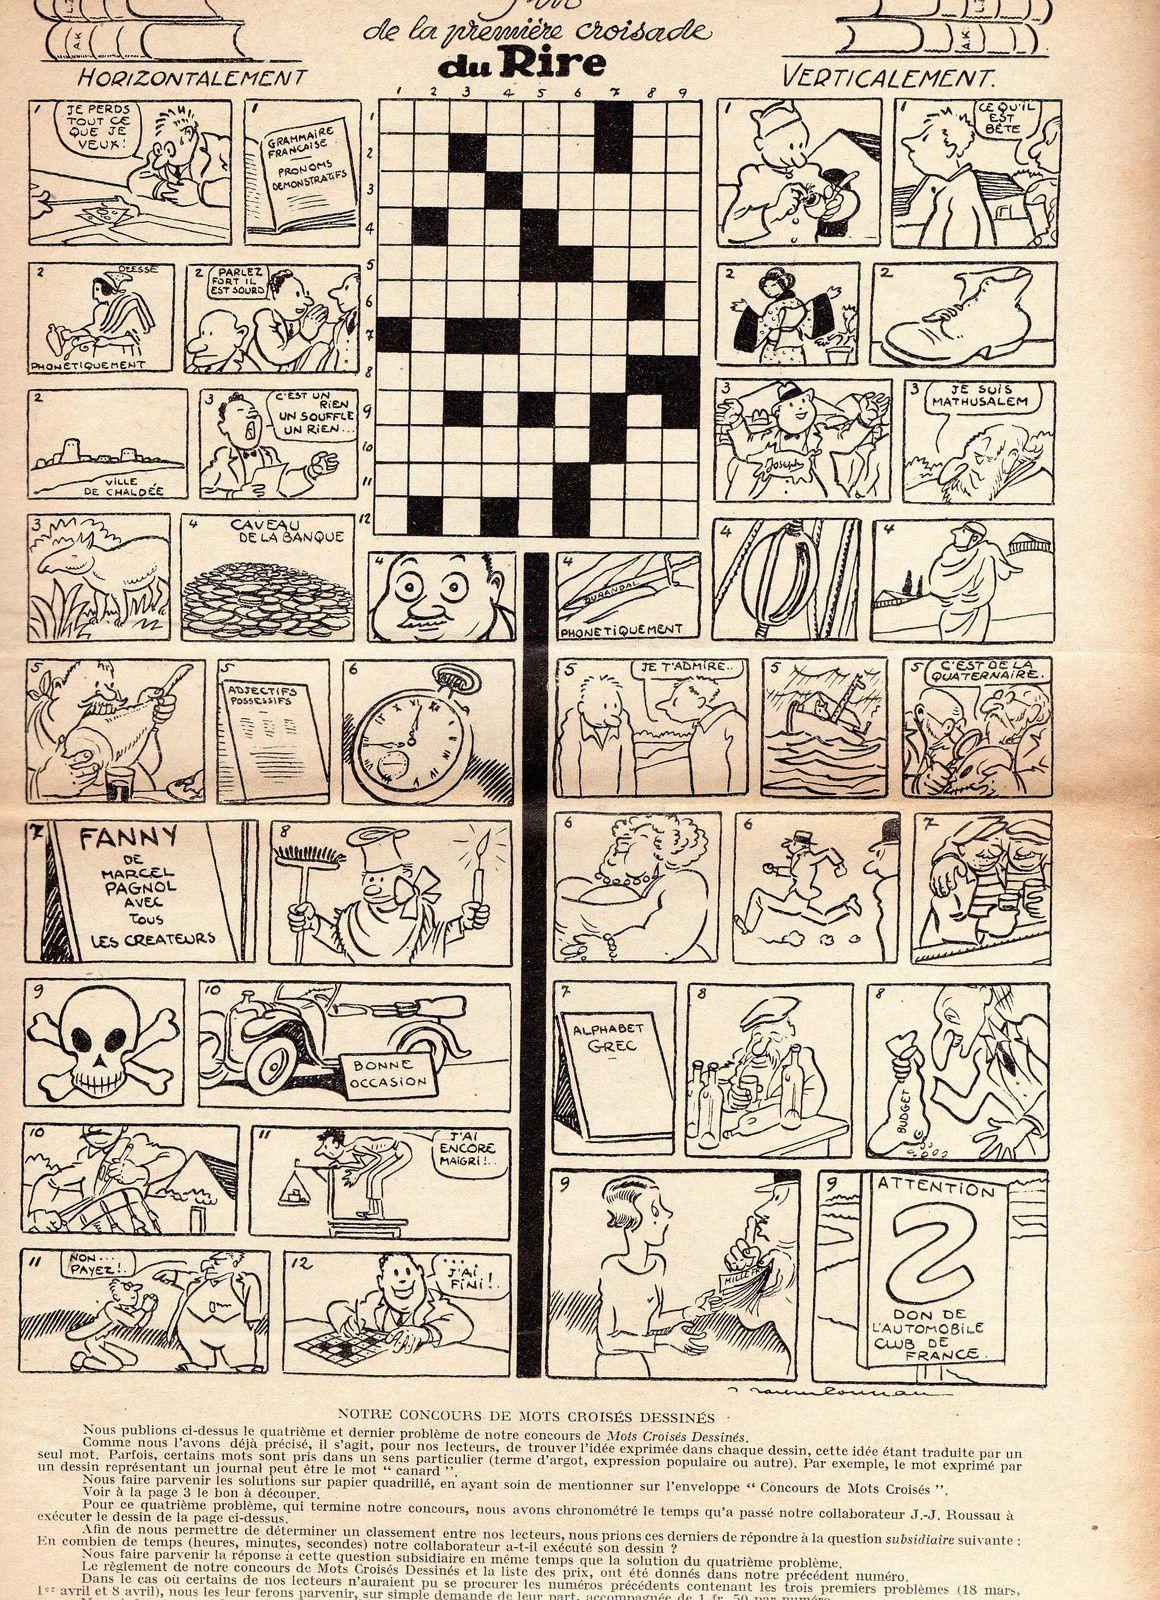 Rubrique à brac : Des mots croisés... dessinés (Le Rire, 1933)